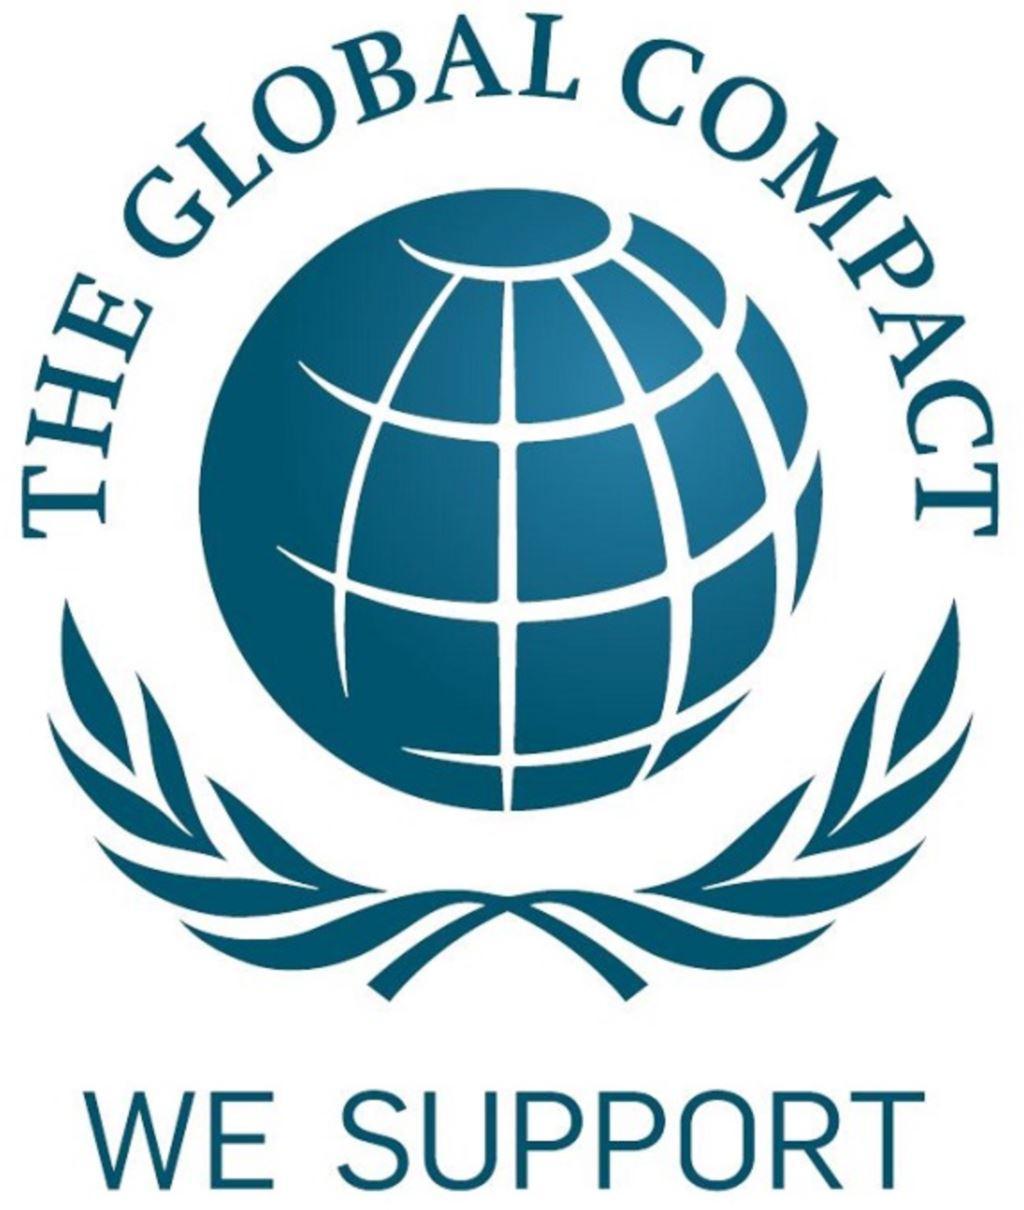 Grad Dubrovnik u Global Compact inicijativi UN-a